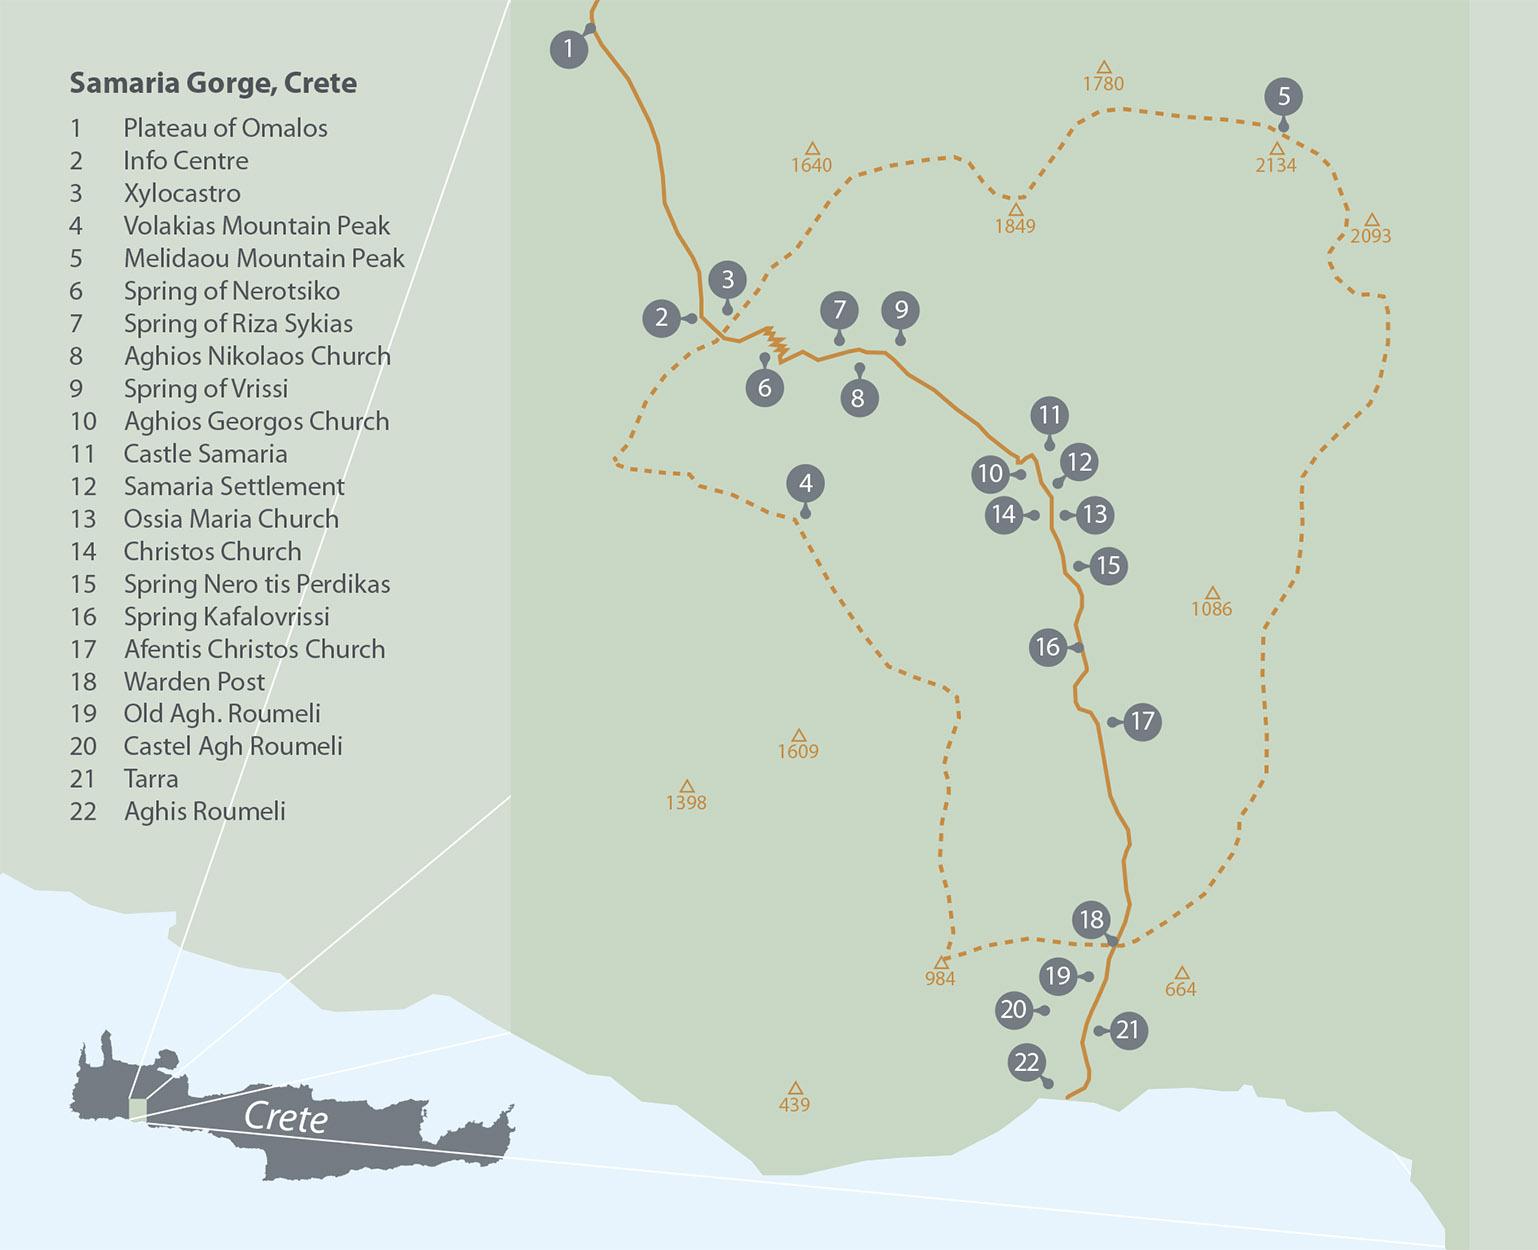 crete-samaria-gorge-v1